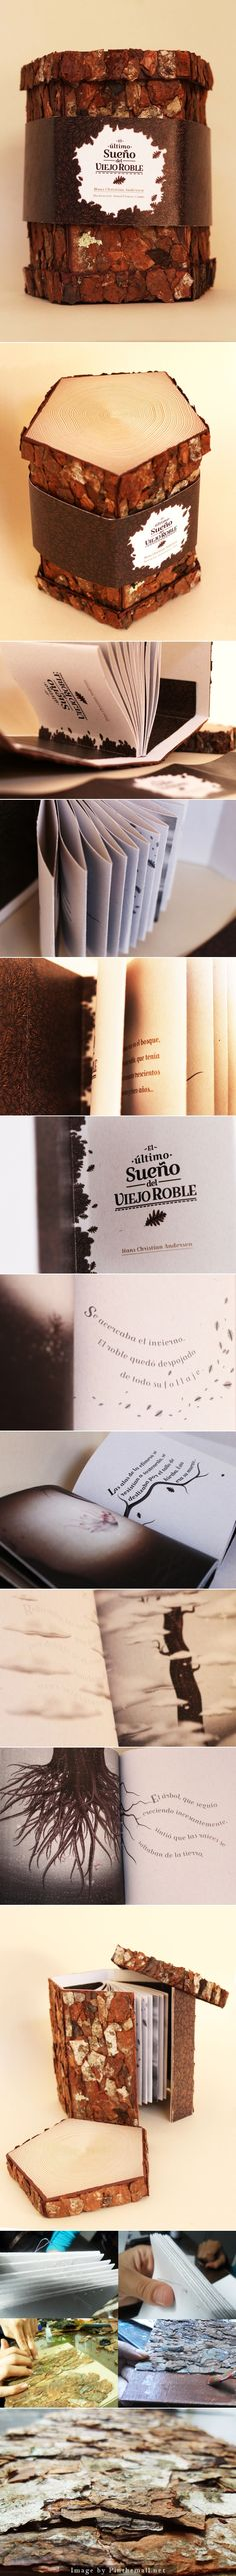 Libro-Objeto-El-Ultimo-Sueno-del-Viejo-Roble by Jenna Serna Toy 2, Book Layout, Bottle Design, Book Making, Bookbinding, Editorial Design, Zine, Book Design, Book Art